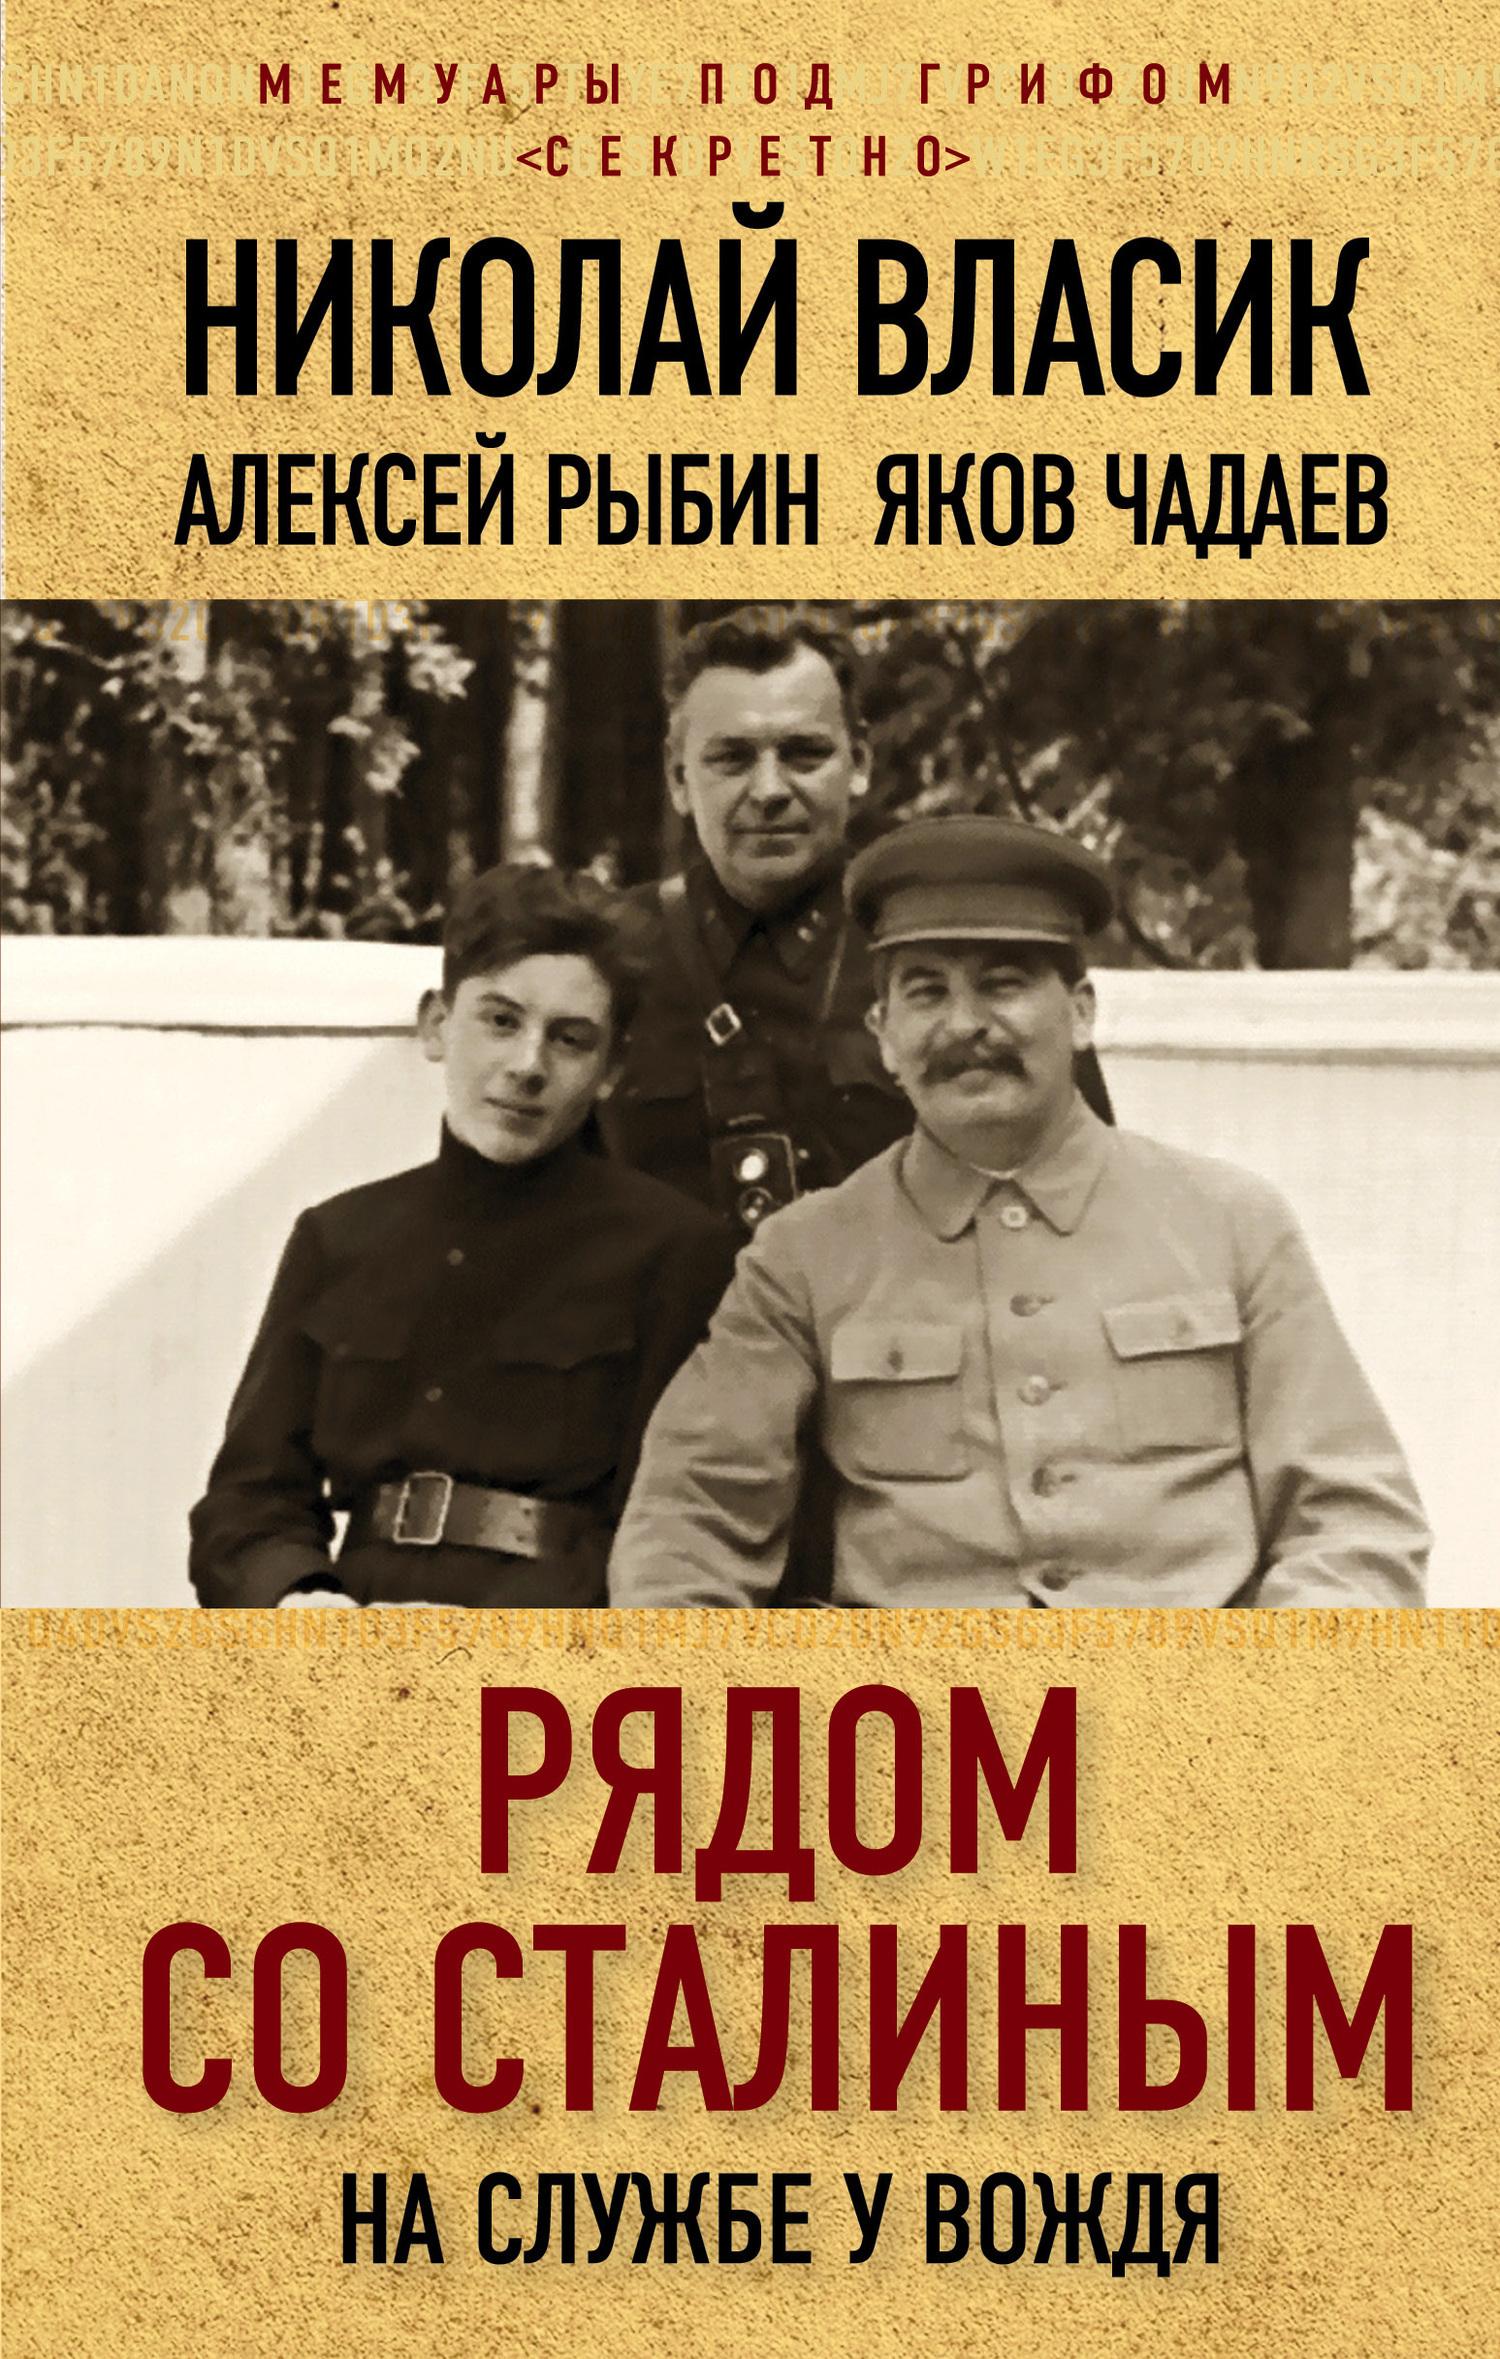 Николай Власик бесплатно